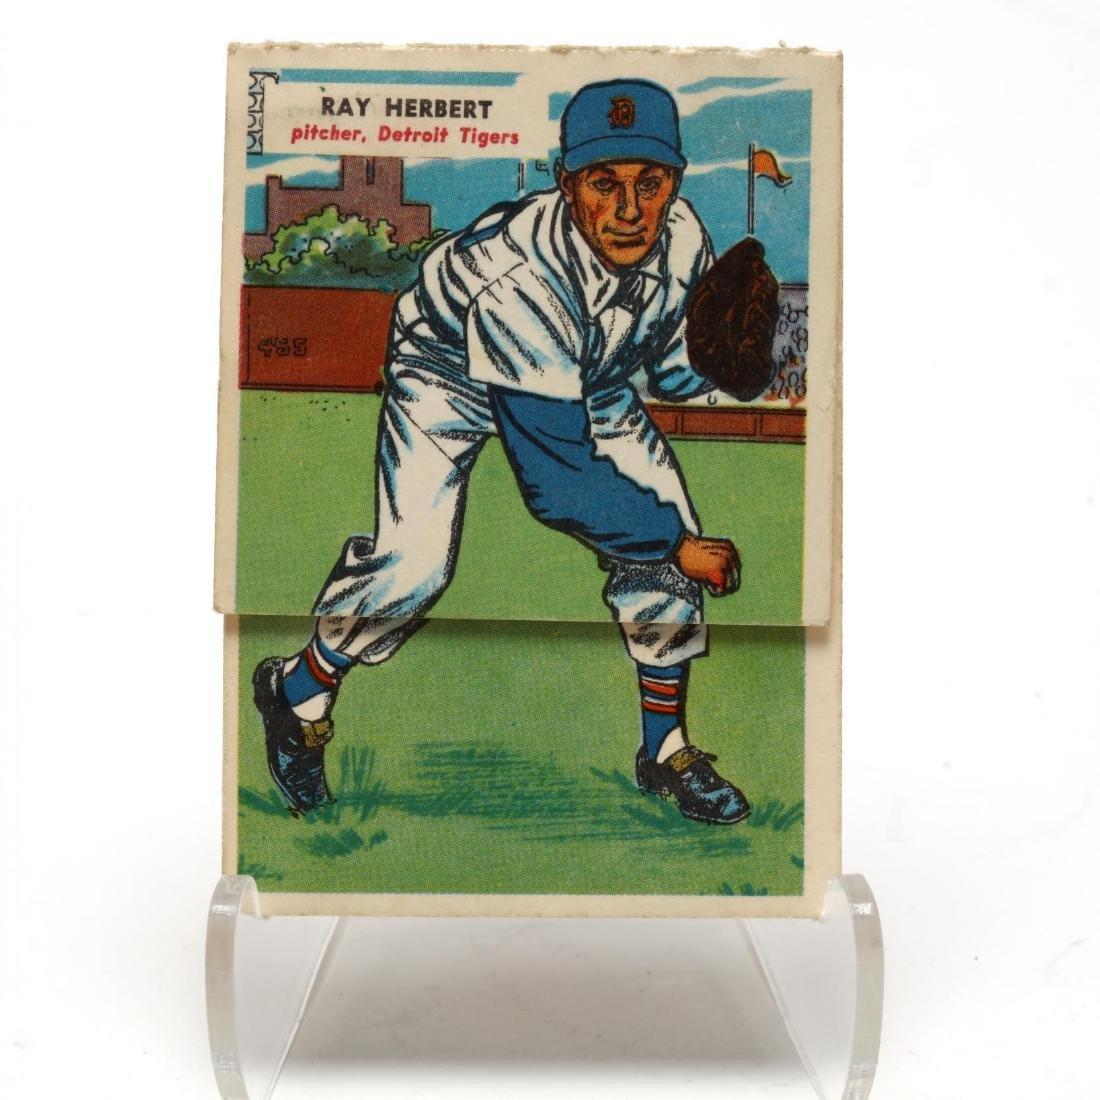 Vintage Baseball Cards and Ephemera Grouping - 6